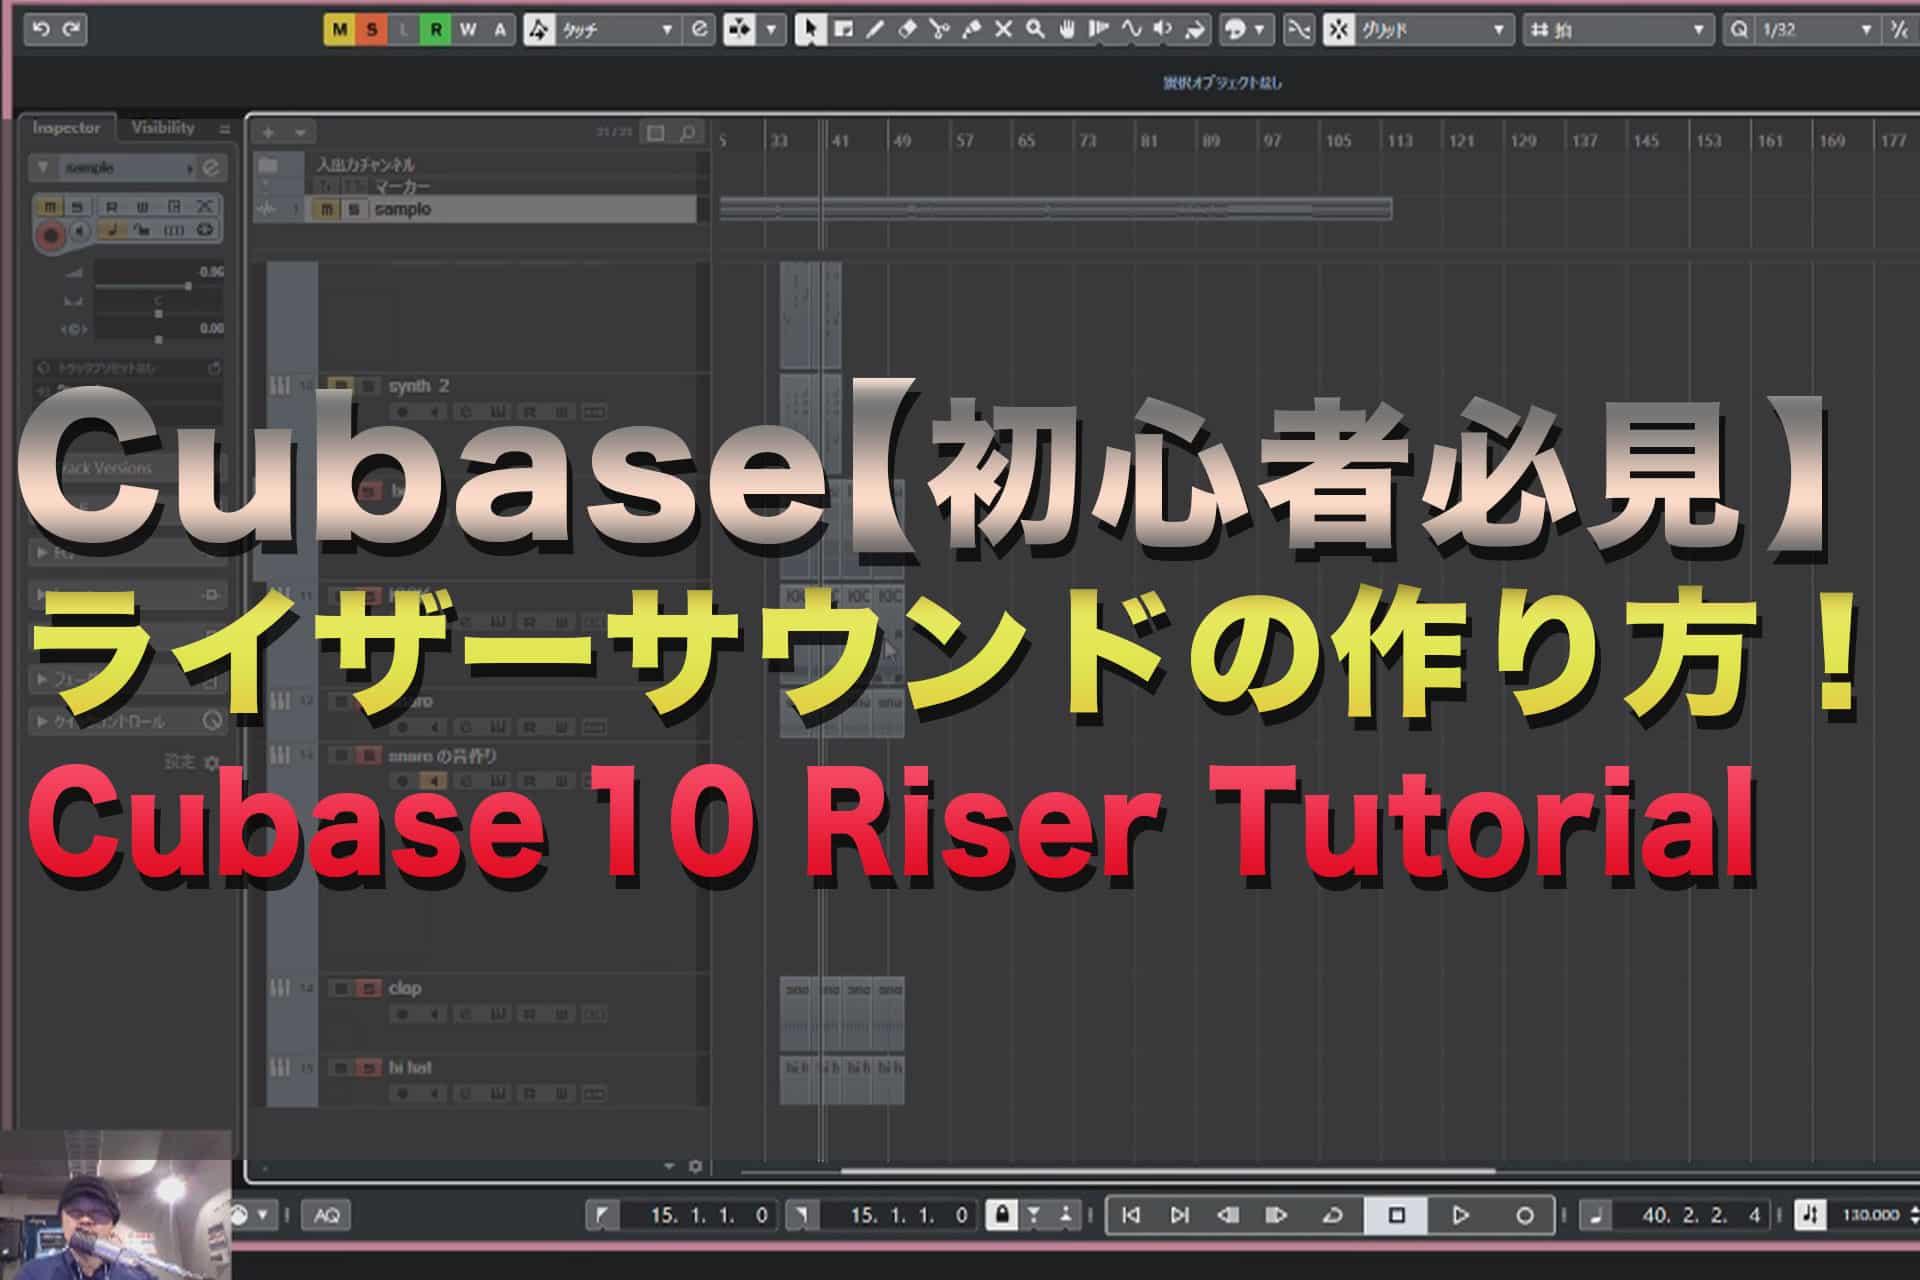 【動画解説!】Cubaseライザーサウンドの作り方!| Cubase 10 Riser Tutorial